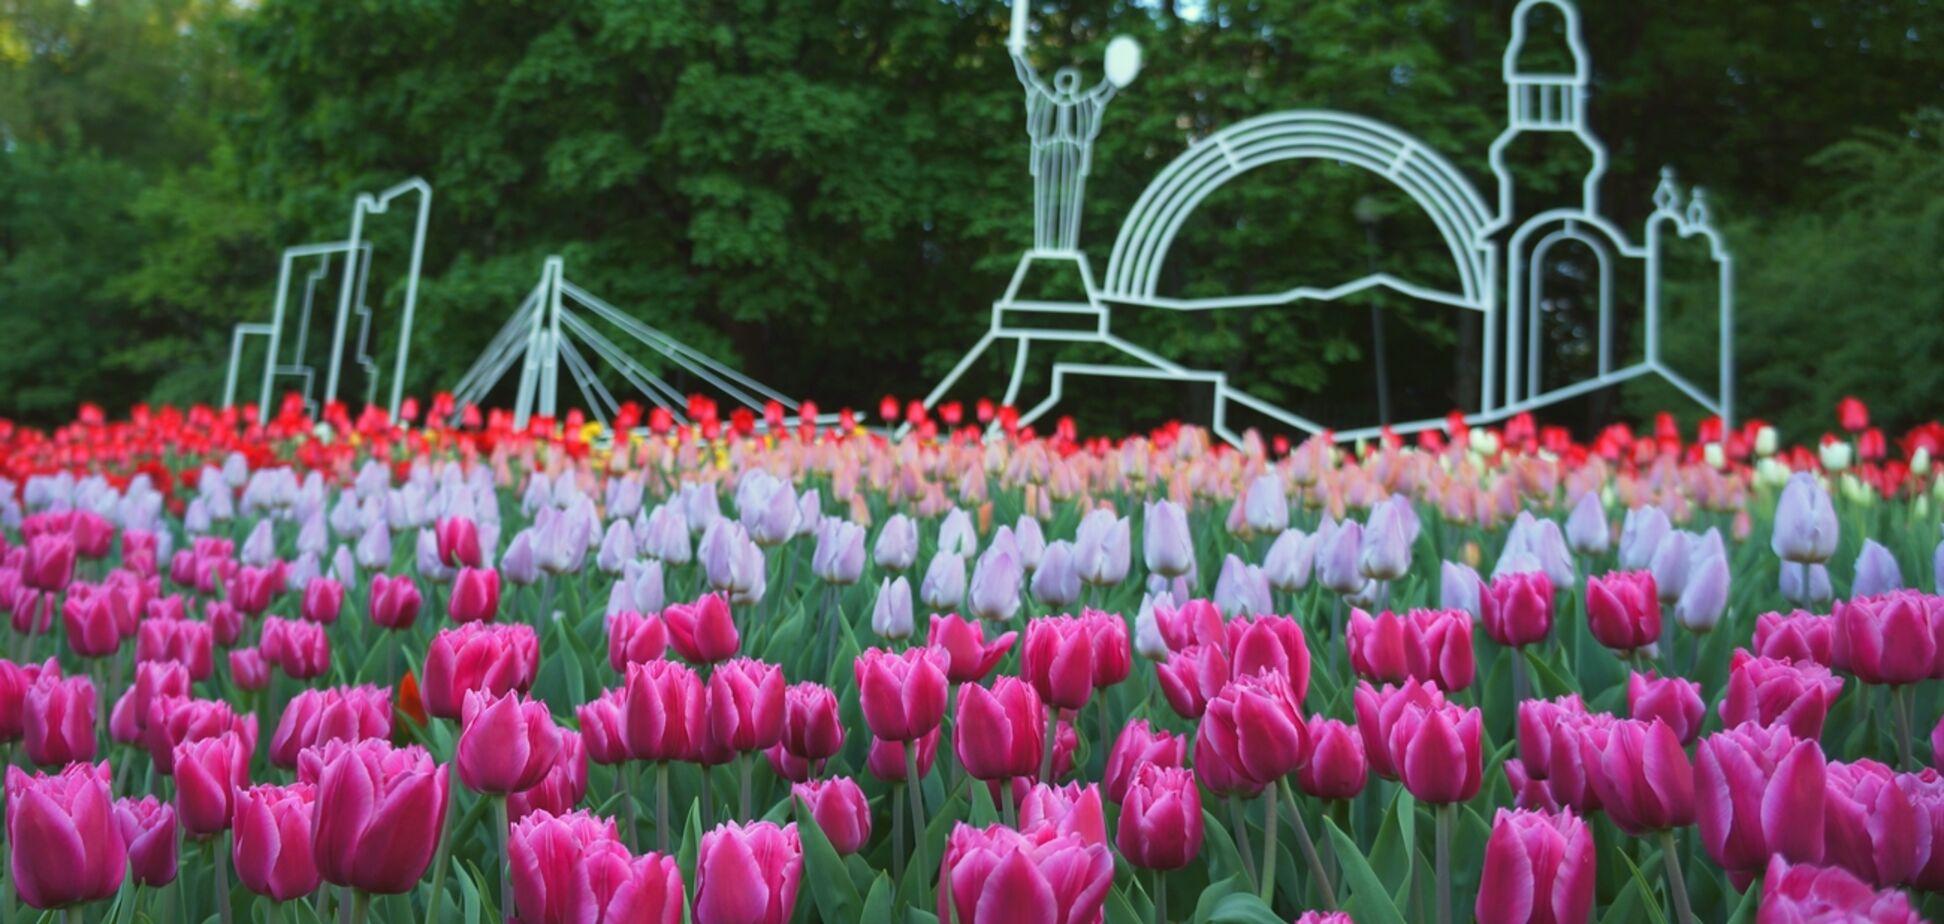 Выставка тюльпанов на Певческом поле: яркий фоторепортаж